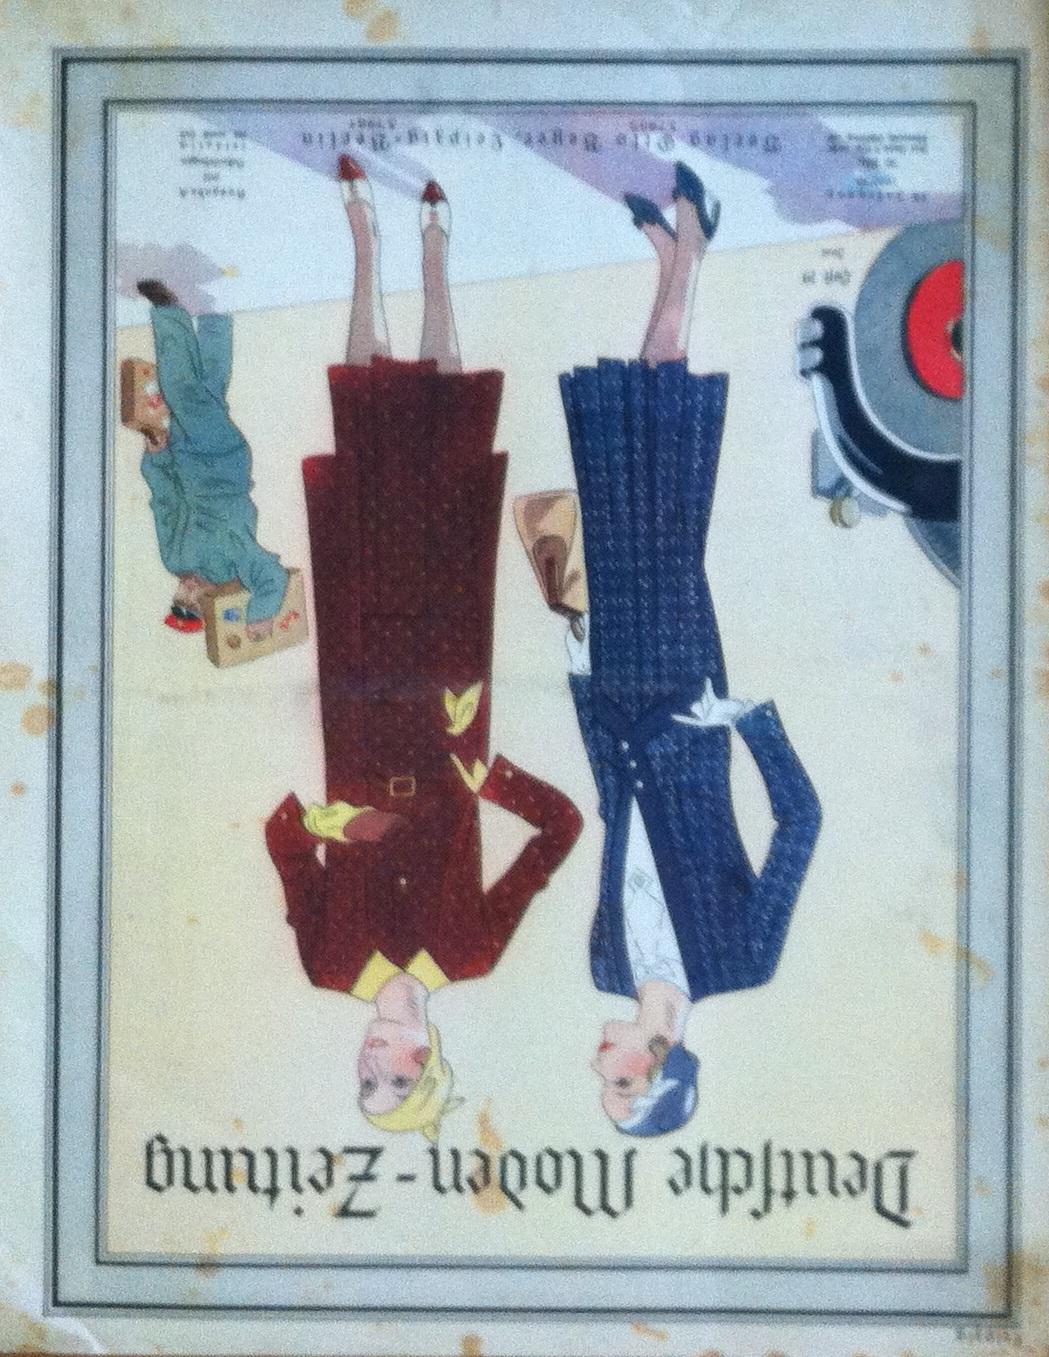 Deutsche Moden-Zeitung No. 19 Vol. 39 1929/30